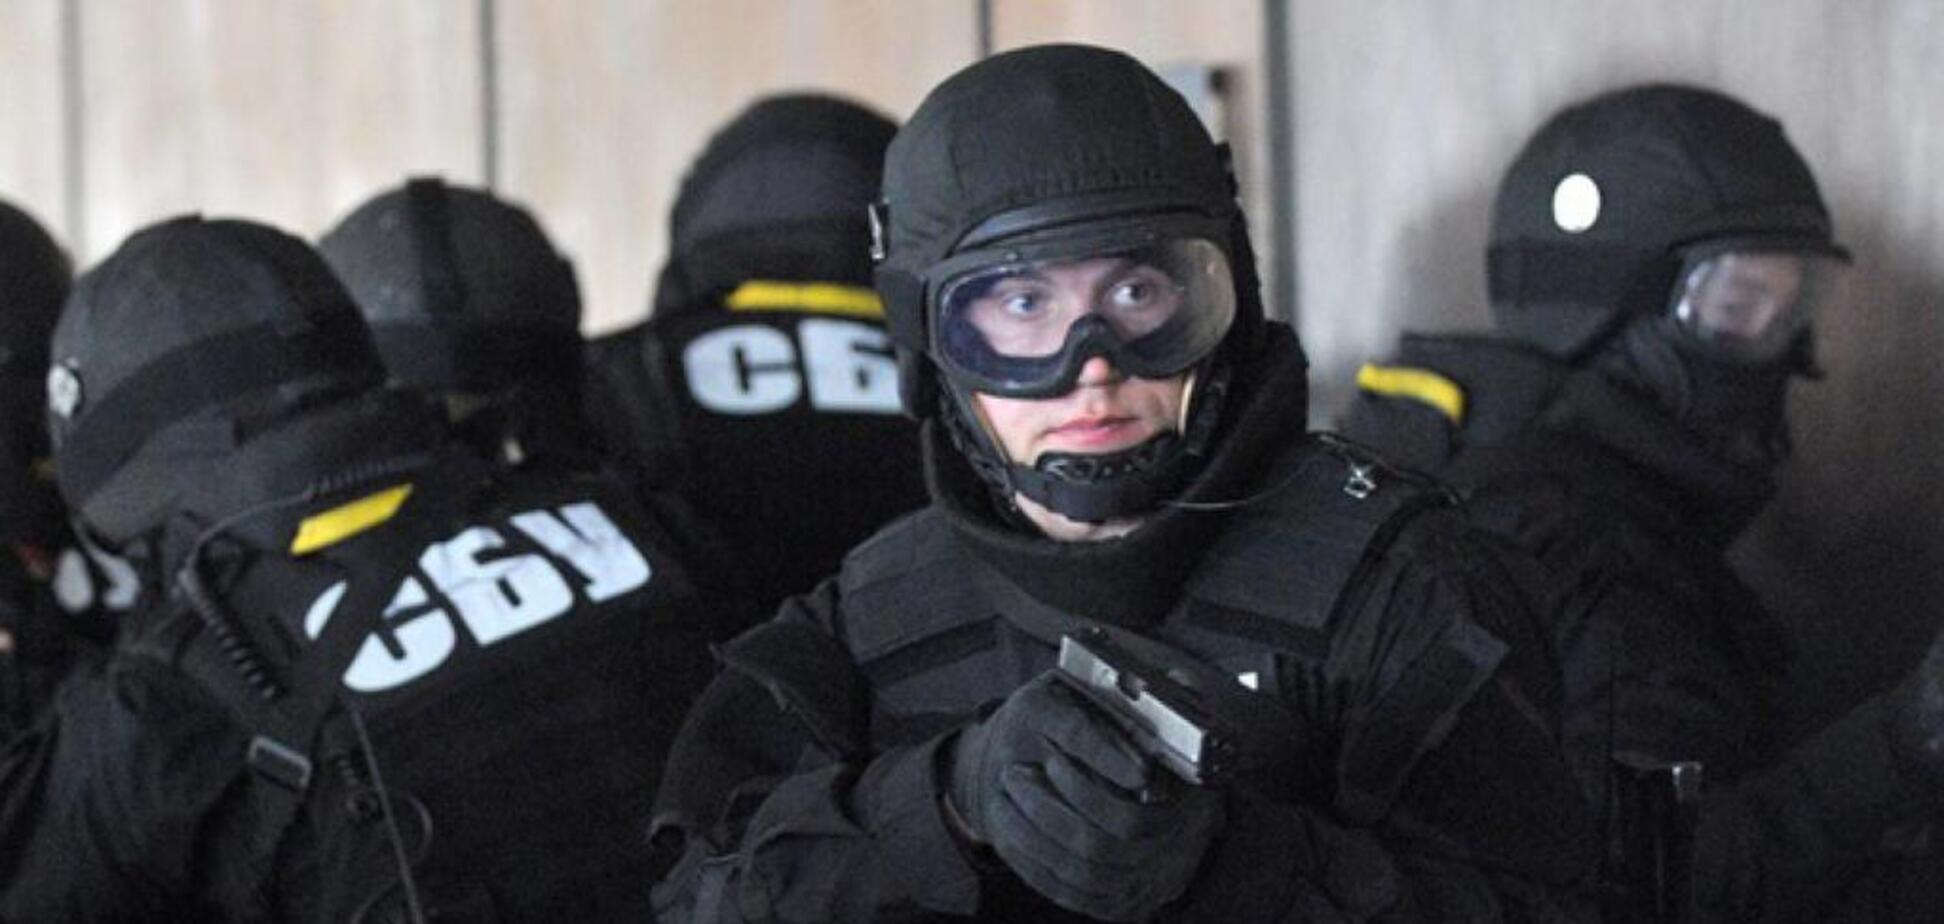 Притворились работниками СБУ: в Днепре задержали опасную группировку